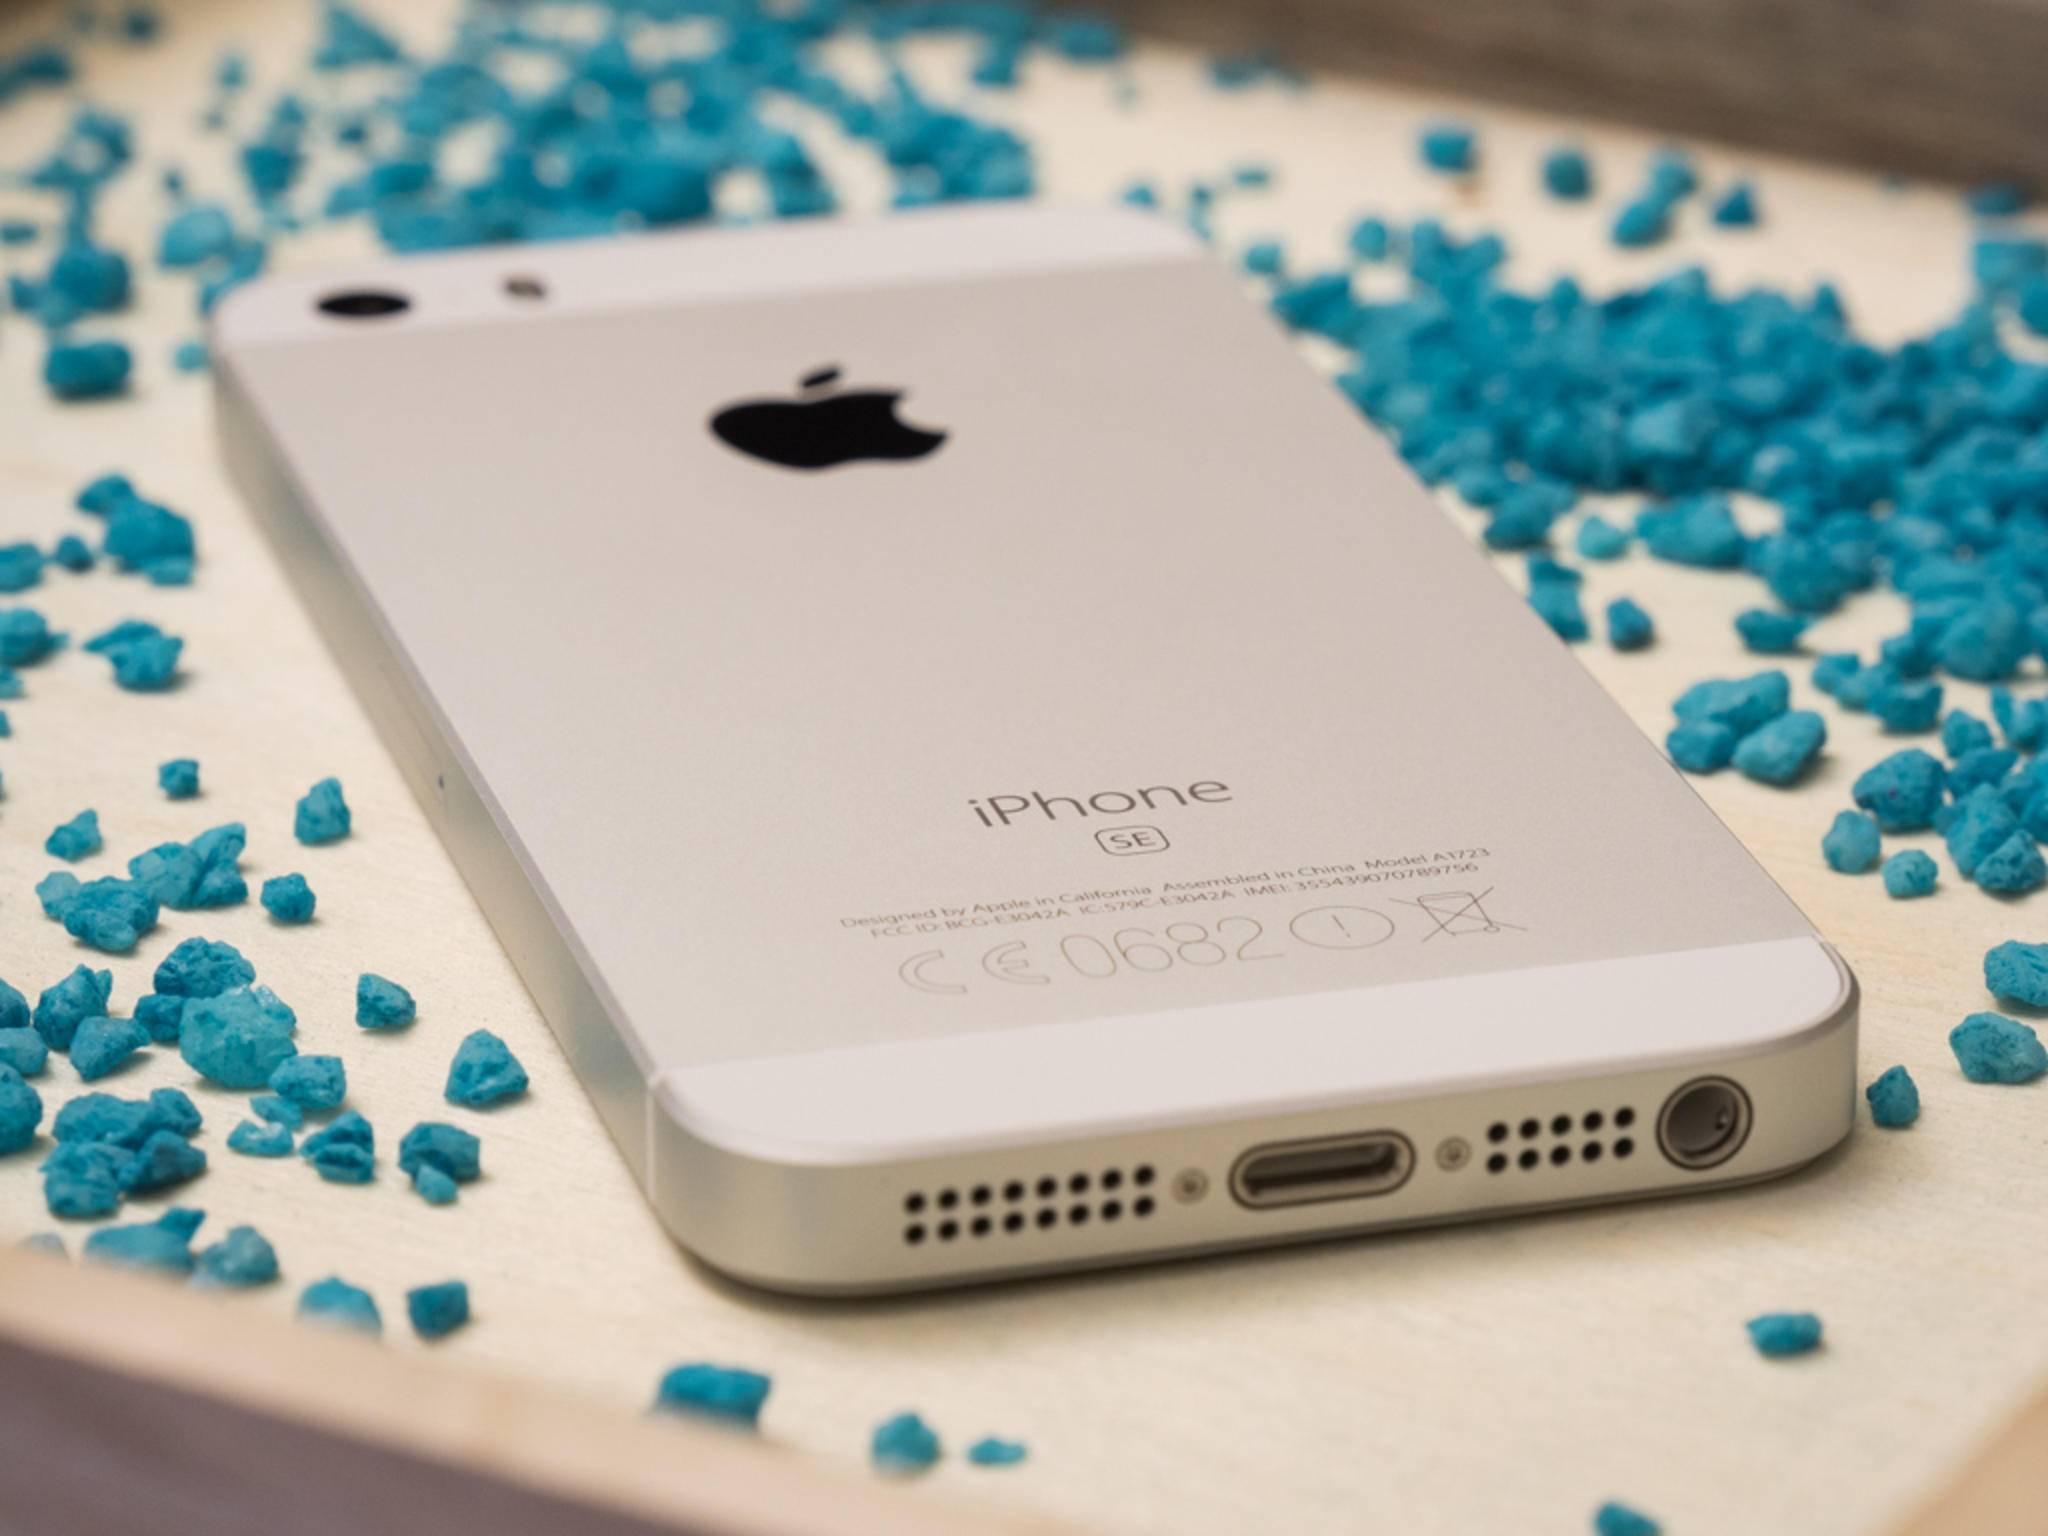 Das iPhone SE: verkauft sich gut, bringt aber zu wenig Profit für Apple.